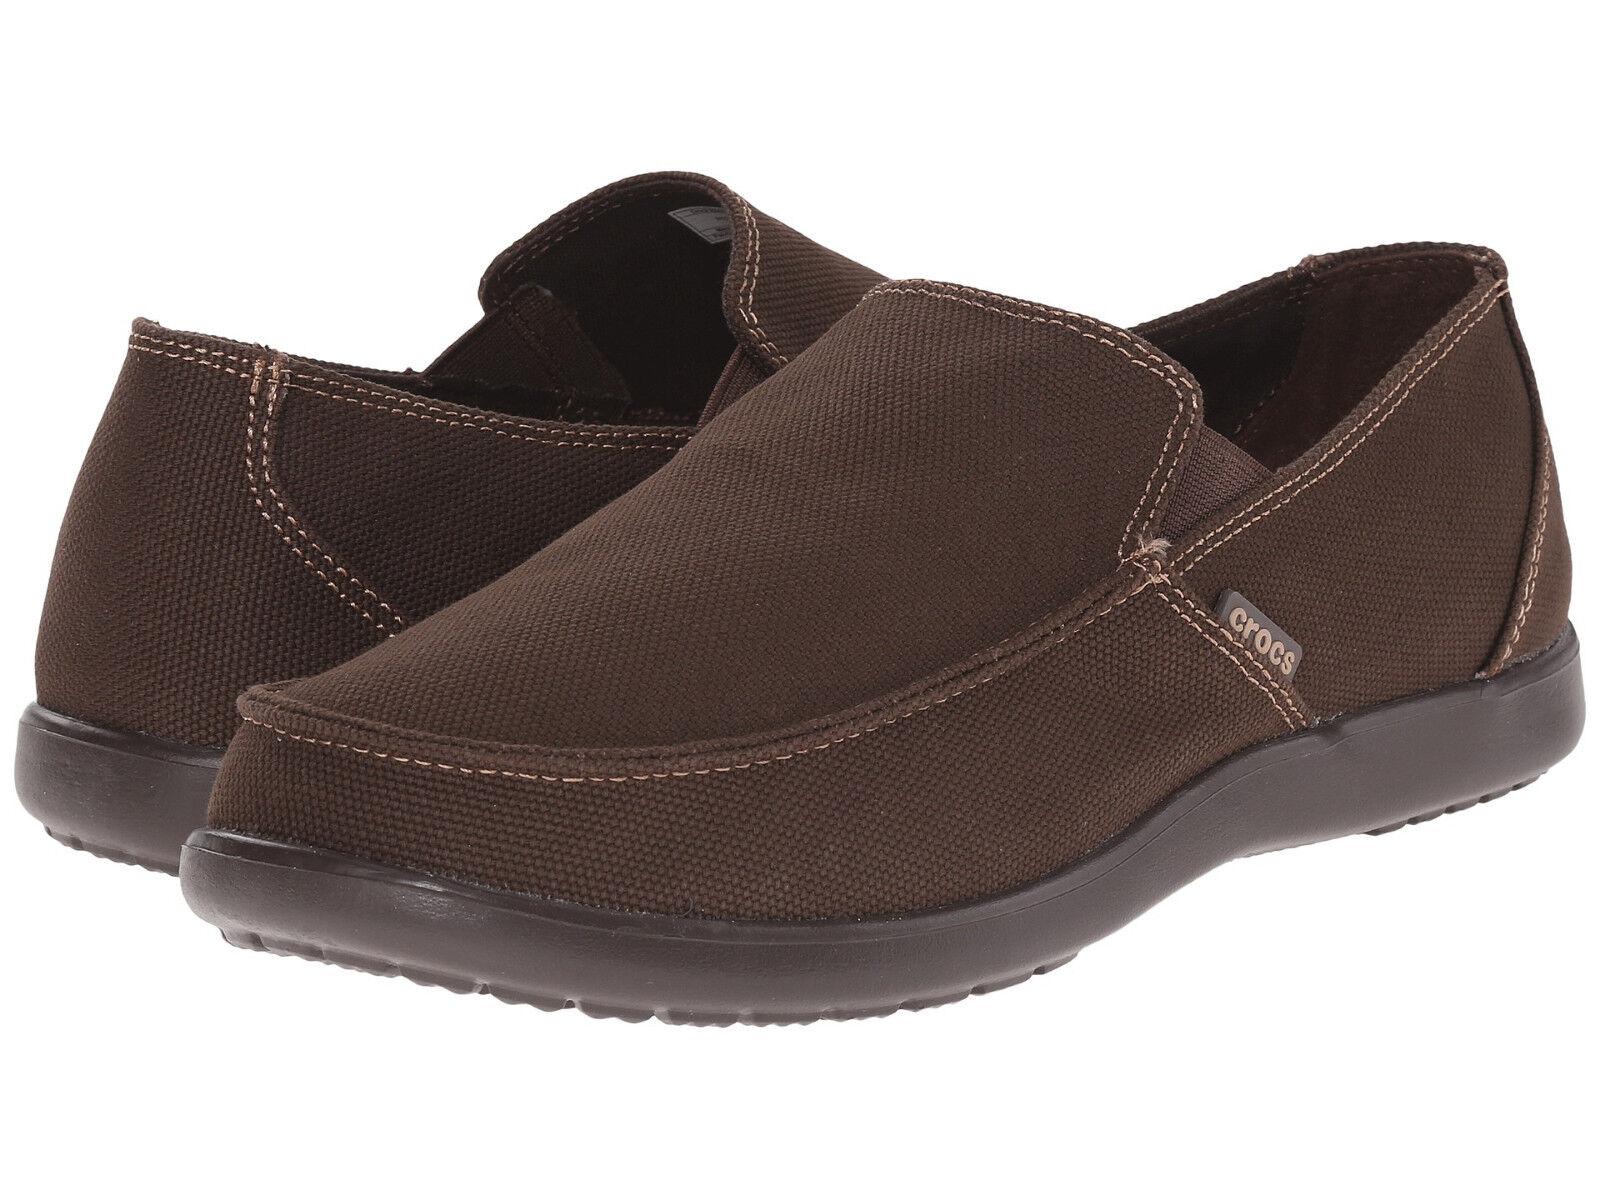 Men Crocs Santa Cruz Clean Out Loafer 202972-22Z Espresso Esp 100% Original New